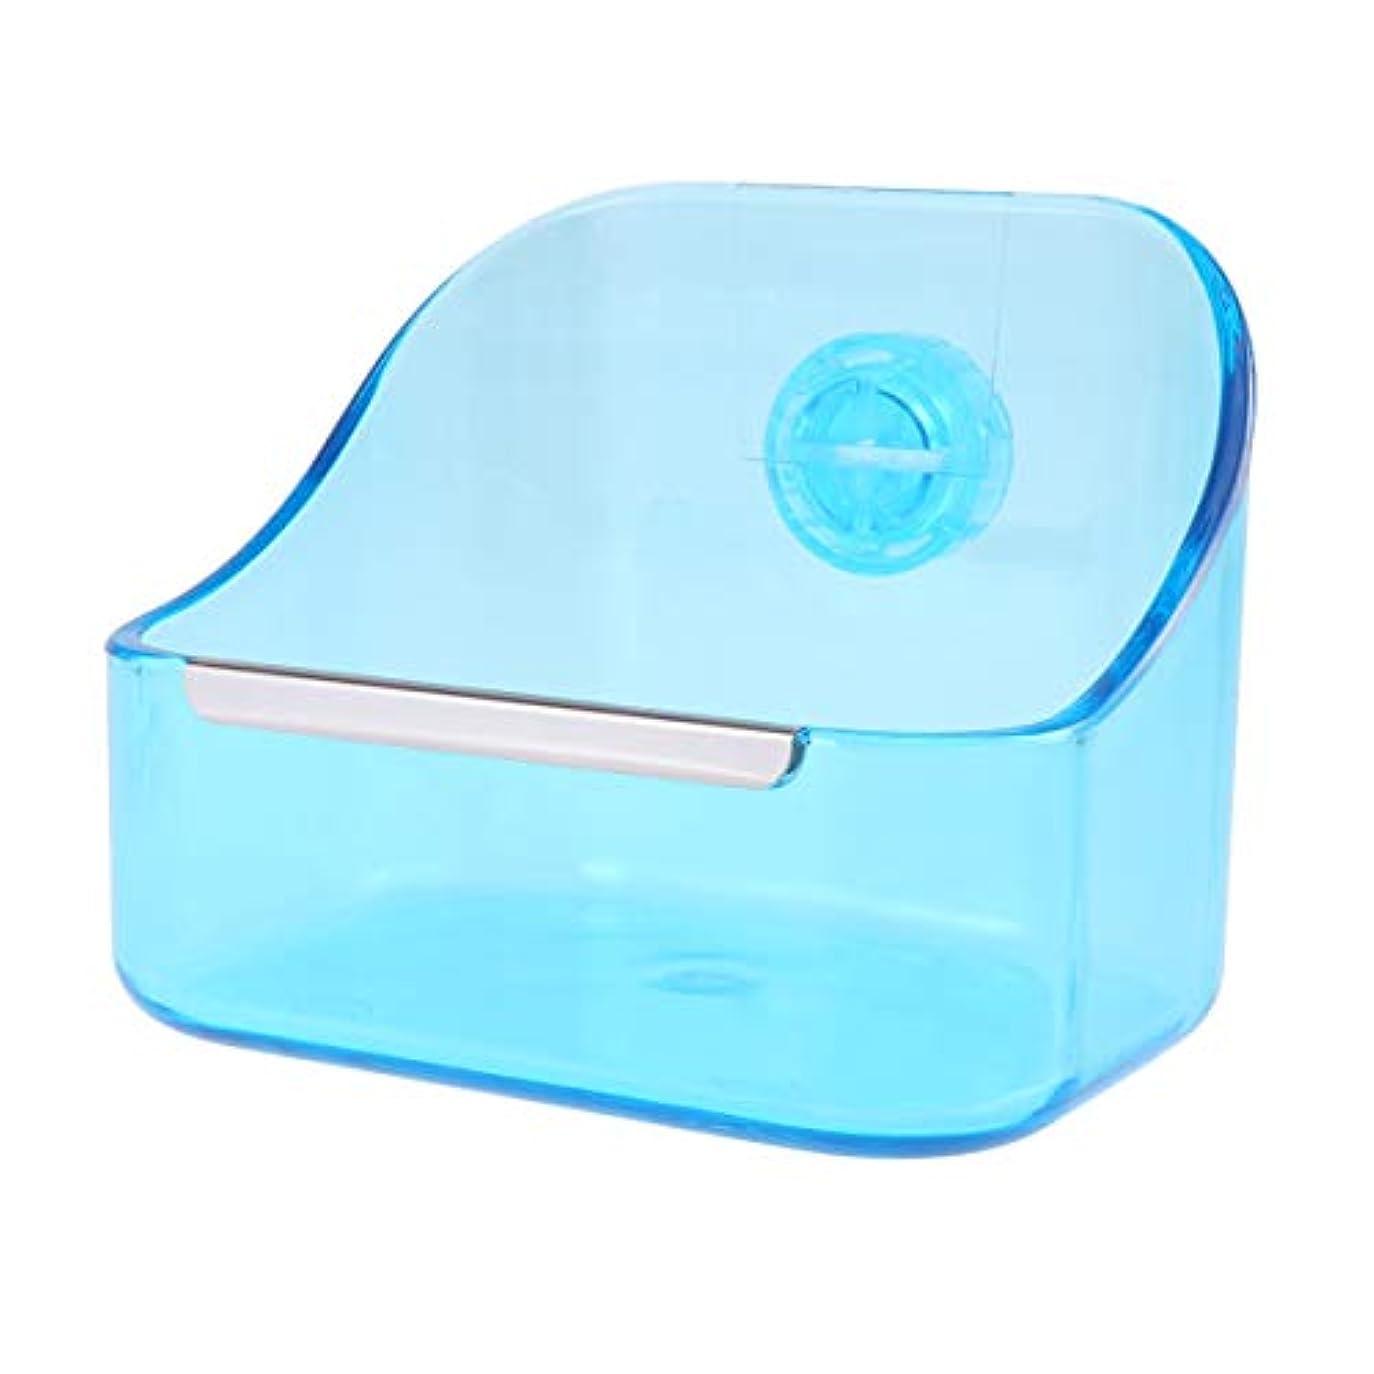 彼らのもの人気候補者POPETPOP クニックストレージ食品容器犬用小さなペットの餌箱